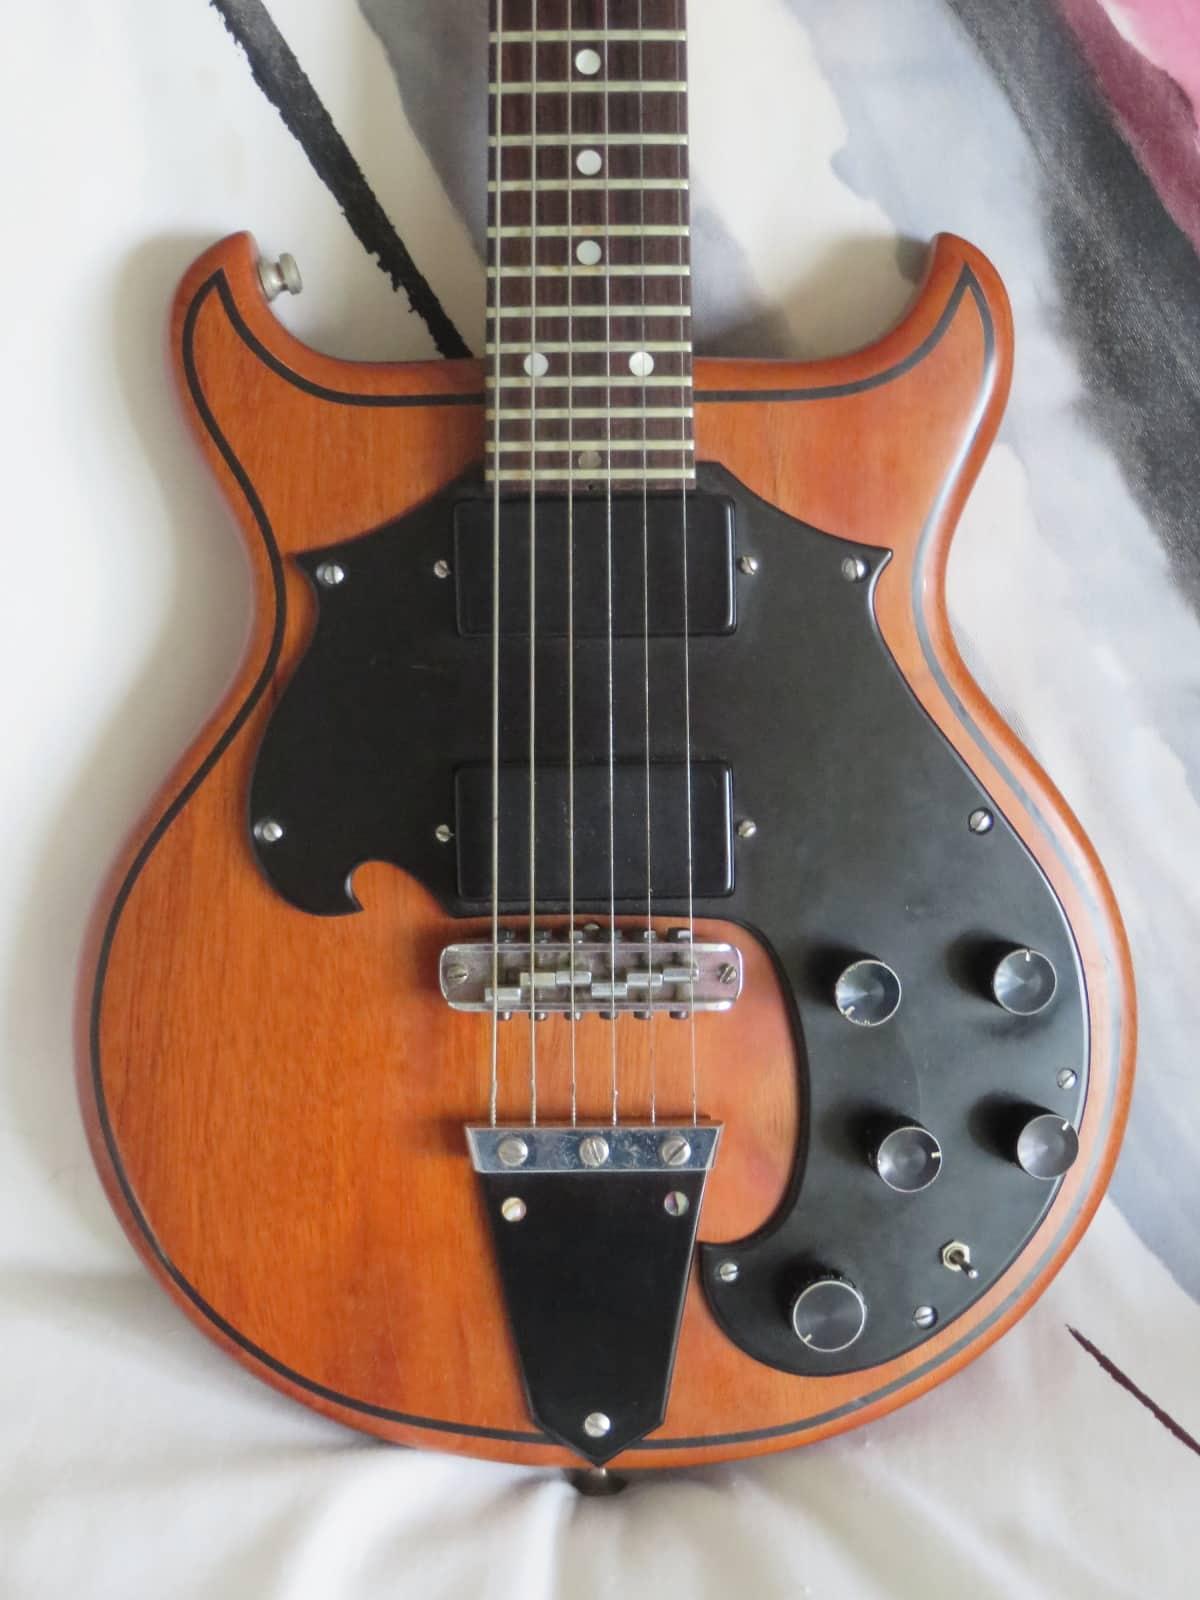 rick turner m 27 420 guitars reverb. Black Bedroom Furniture Sets. Home Design Ideas